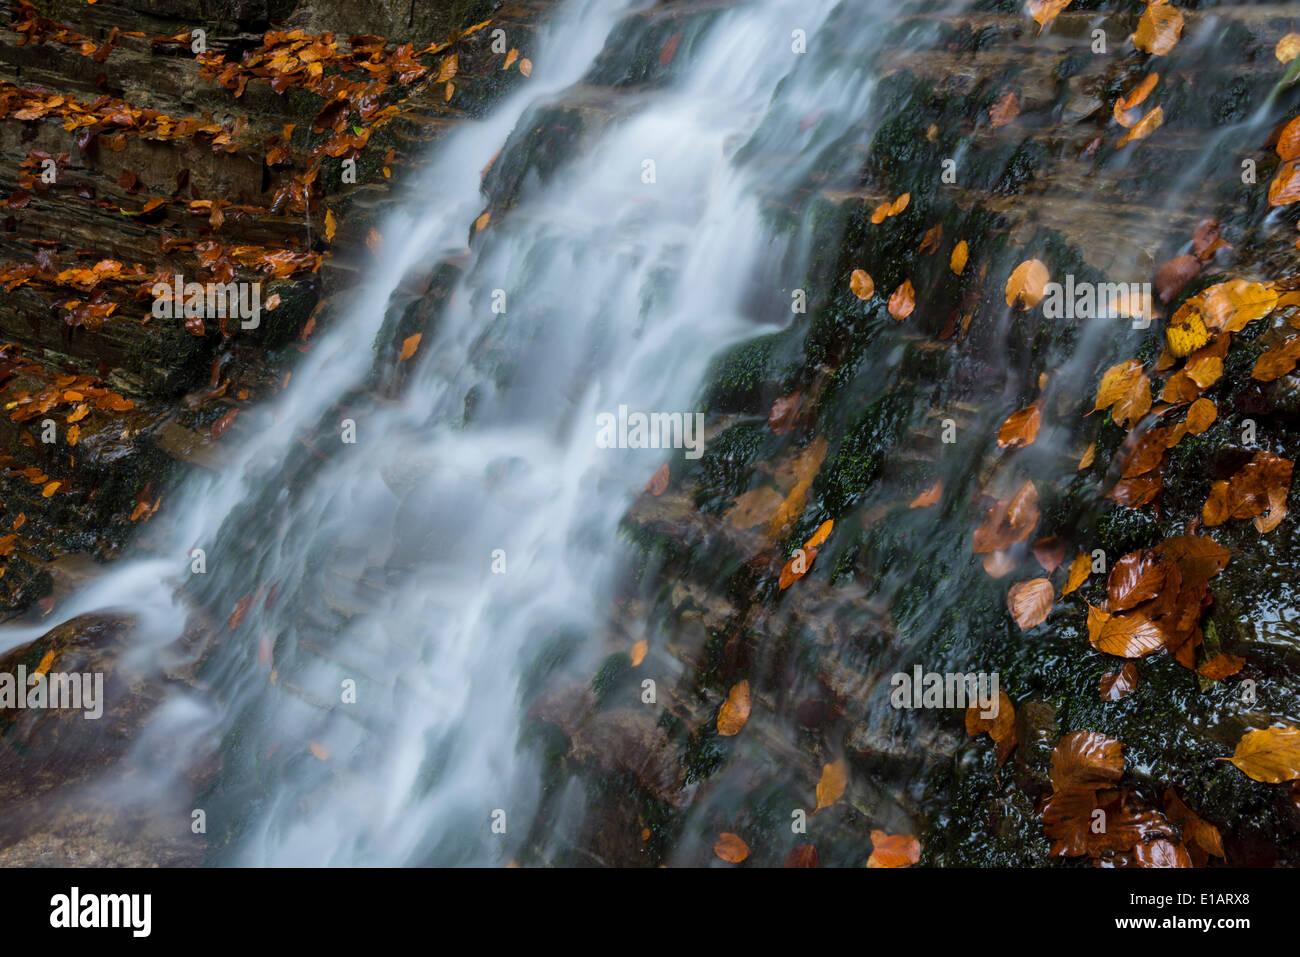 The Taugl river in autumn, Hallein District, Salzburg, Austria Stock Photo